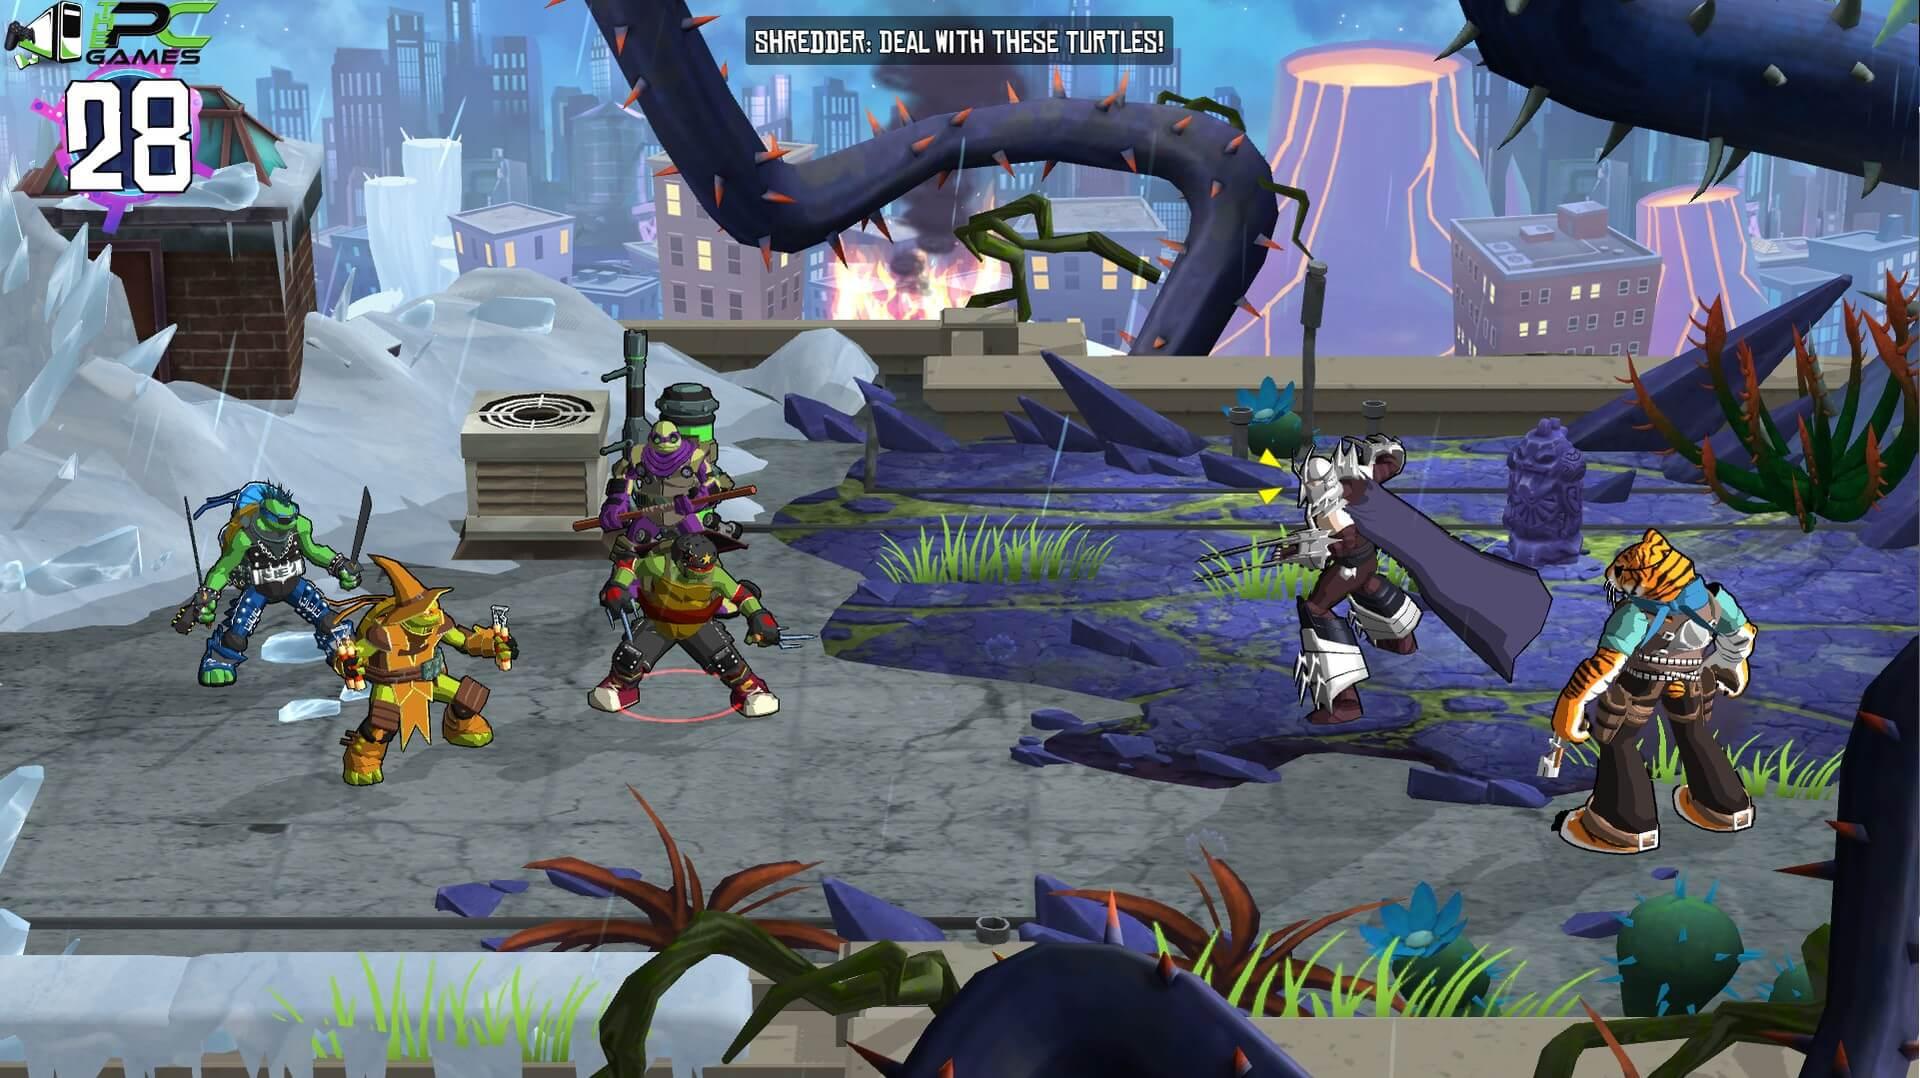 ninja turtles pc game free download full version